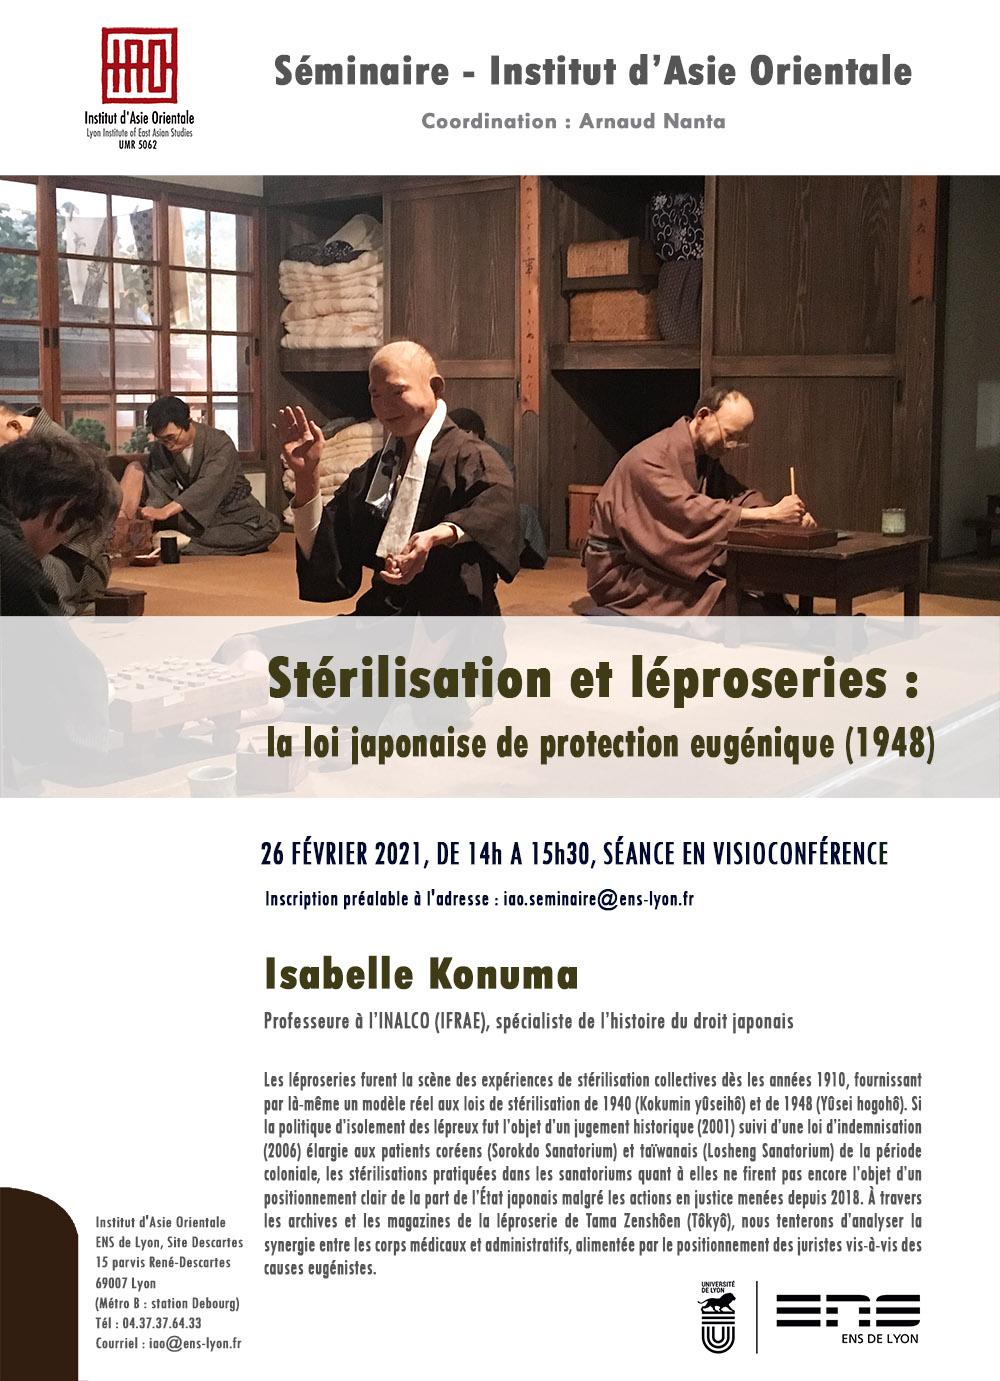 Séminaire de l'IAO : Isabelle Konuma